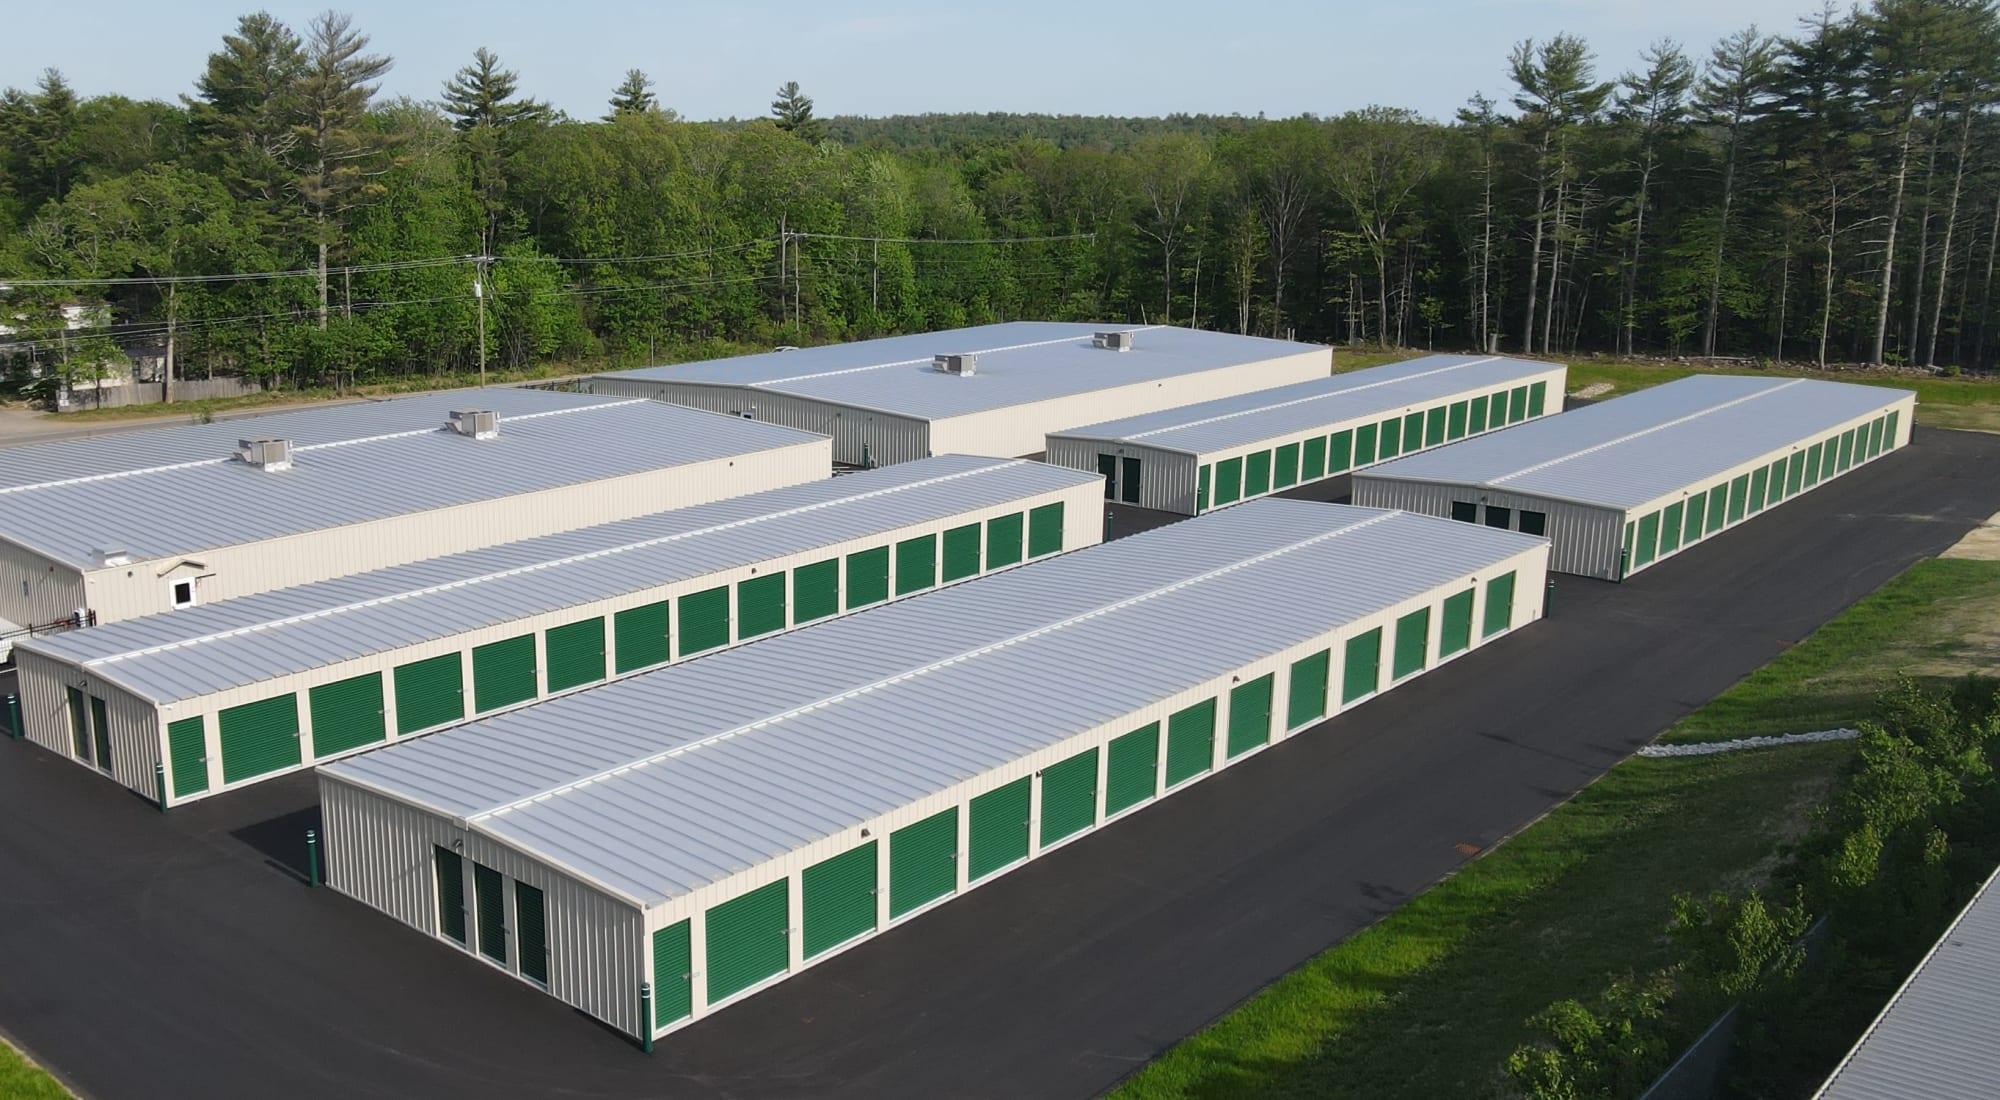 603 Storage - Lee self storage in Lee, New Hampshire